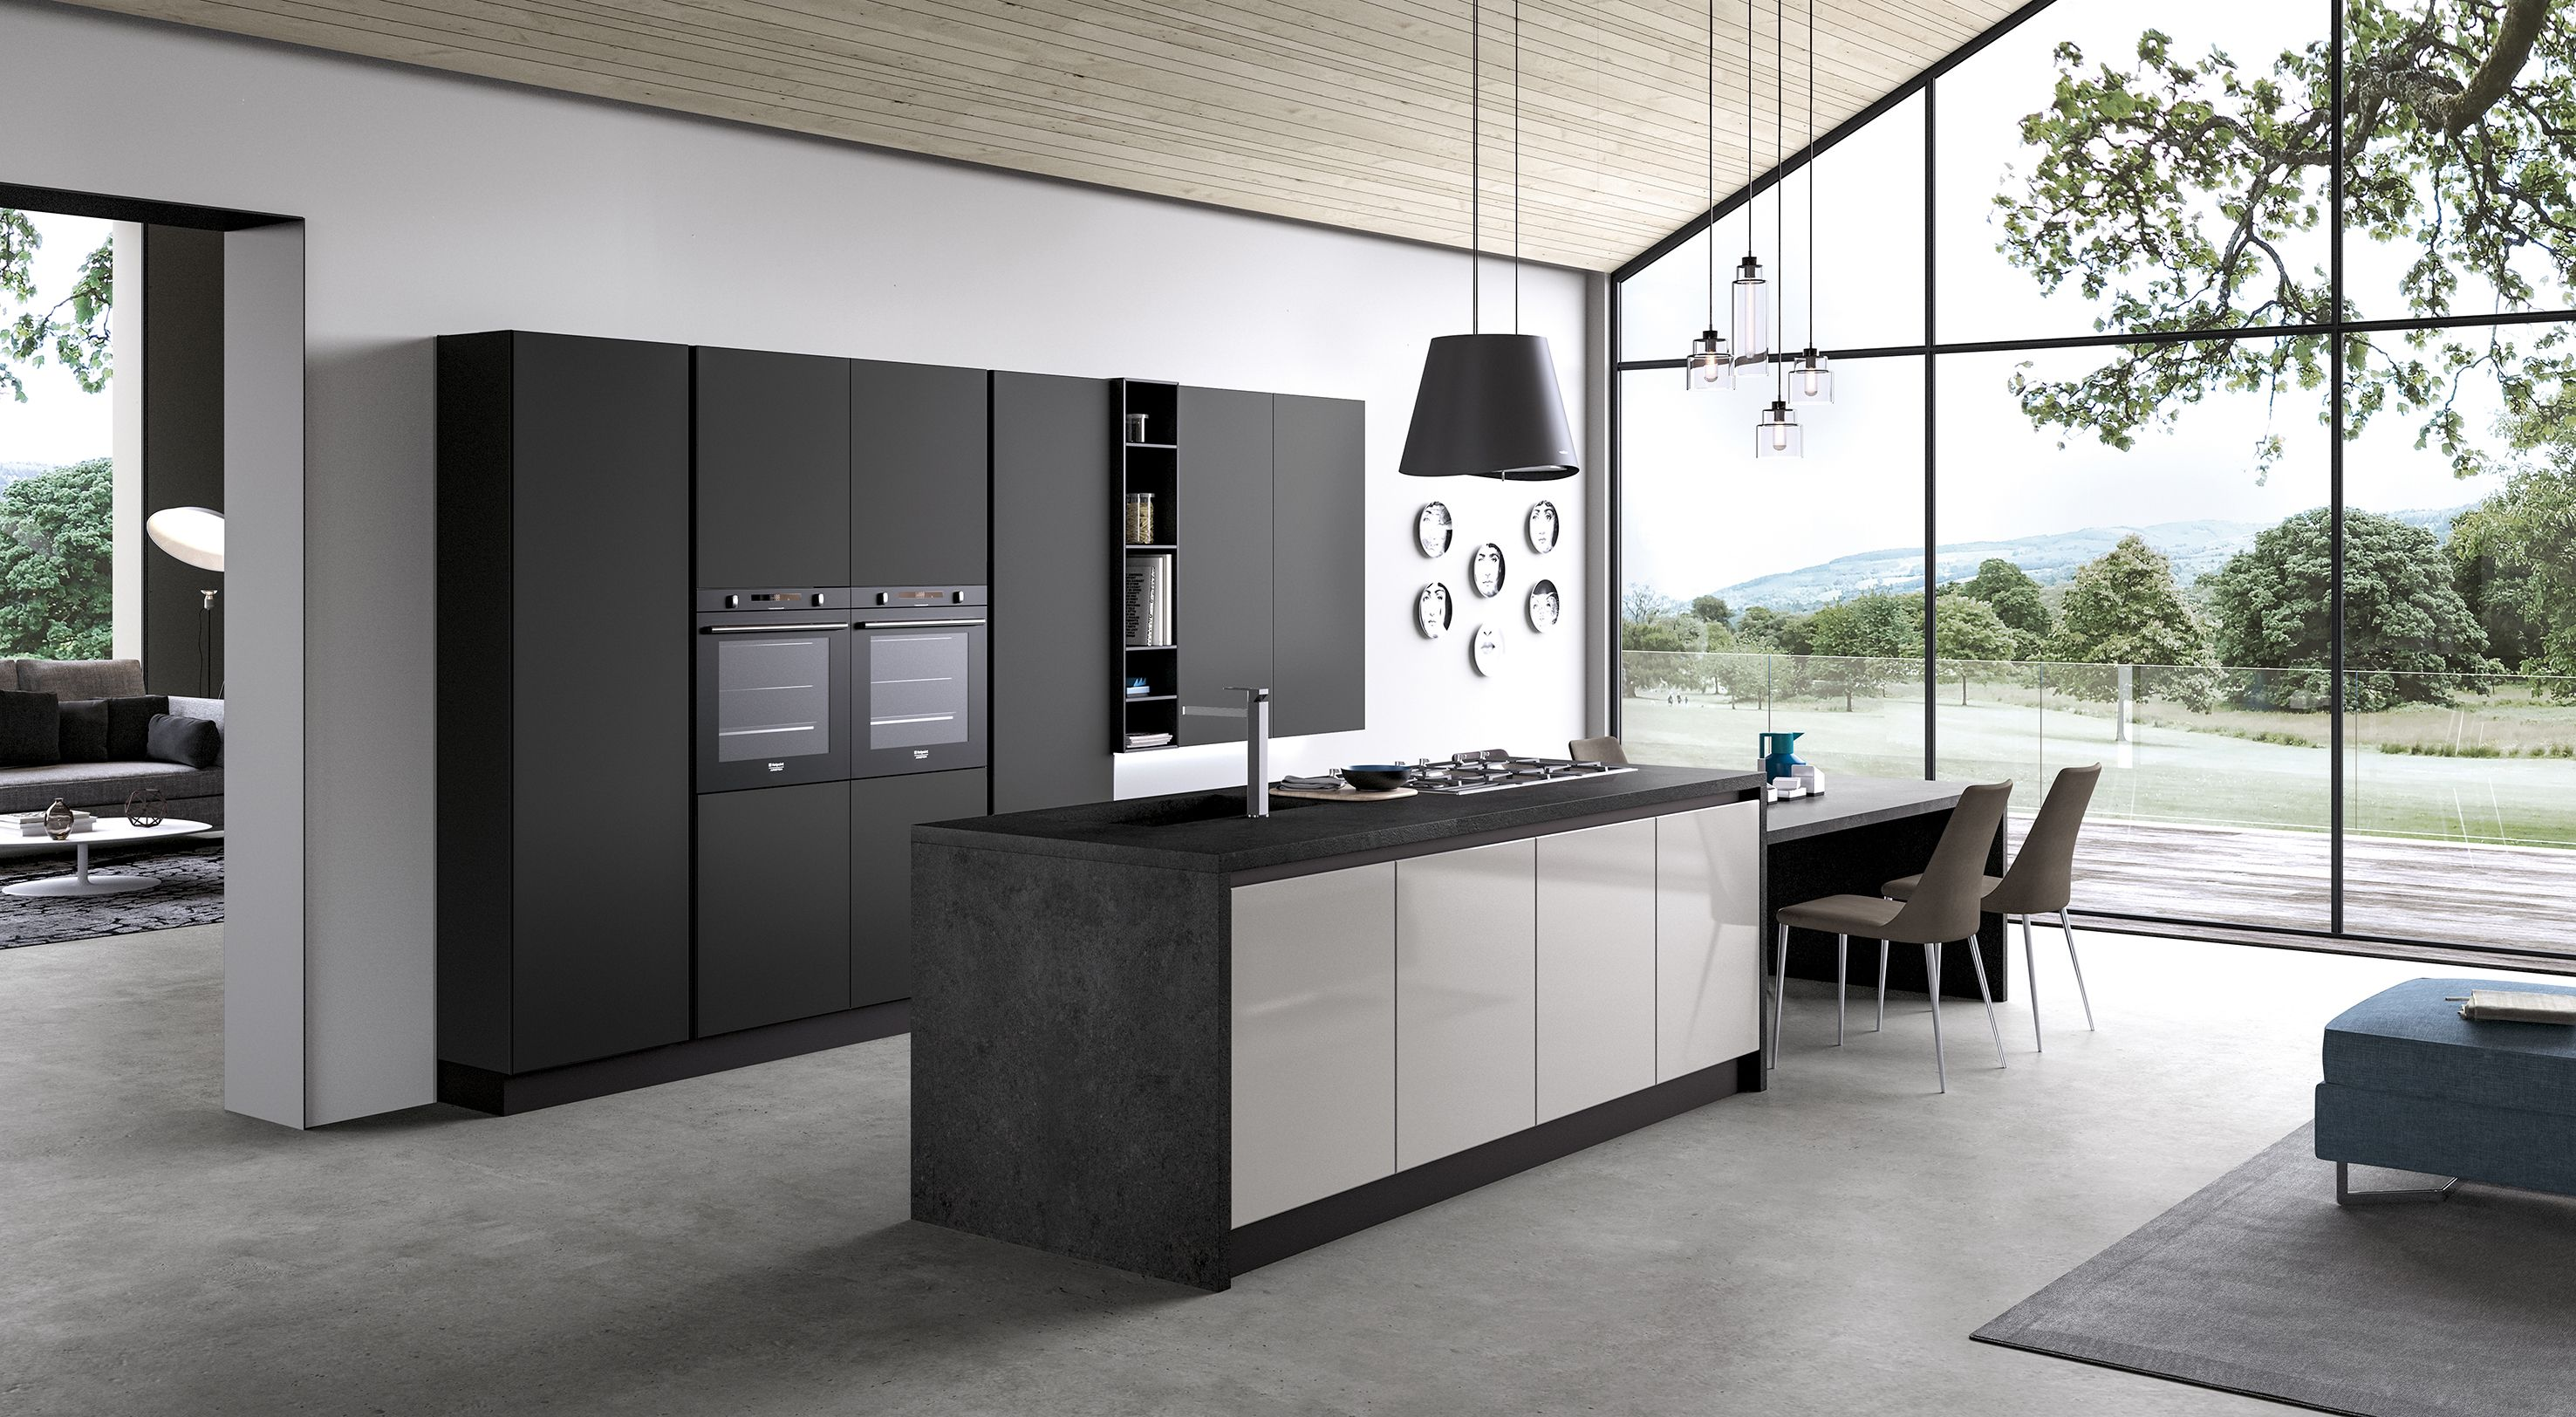 cucine moderne che uniscono design, funzionalità e qualità dei ... - Soluzioni Cucine